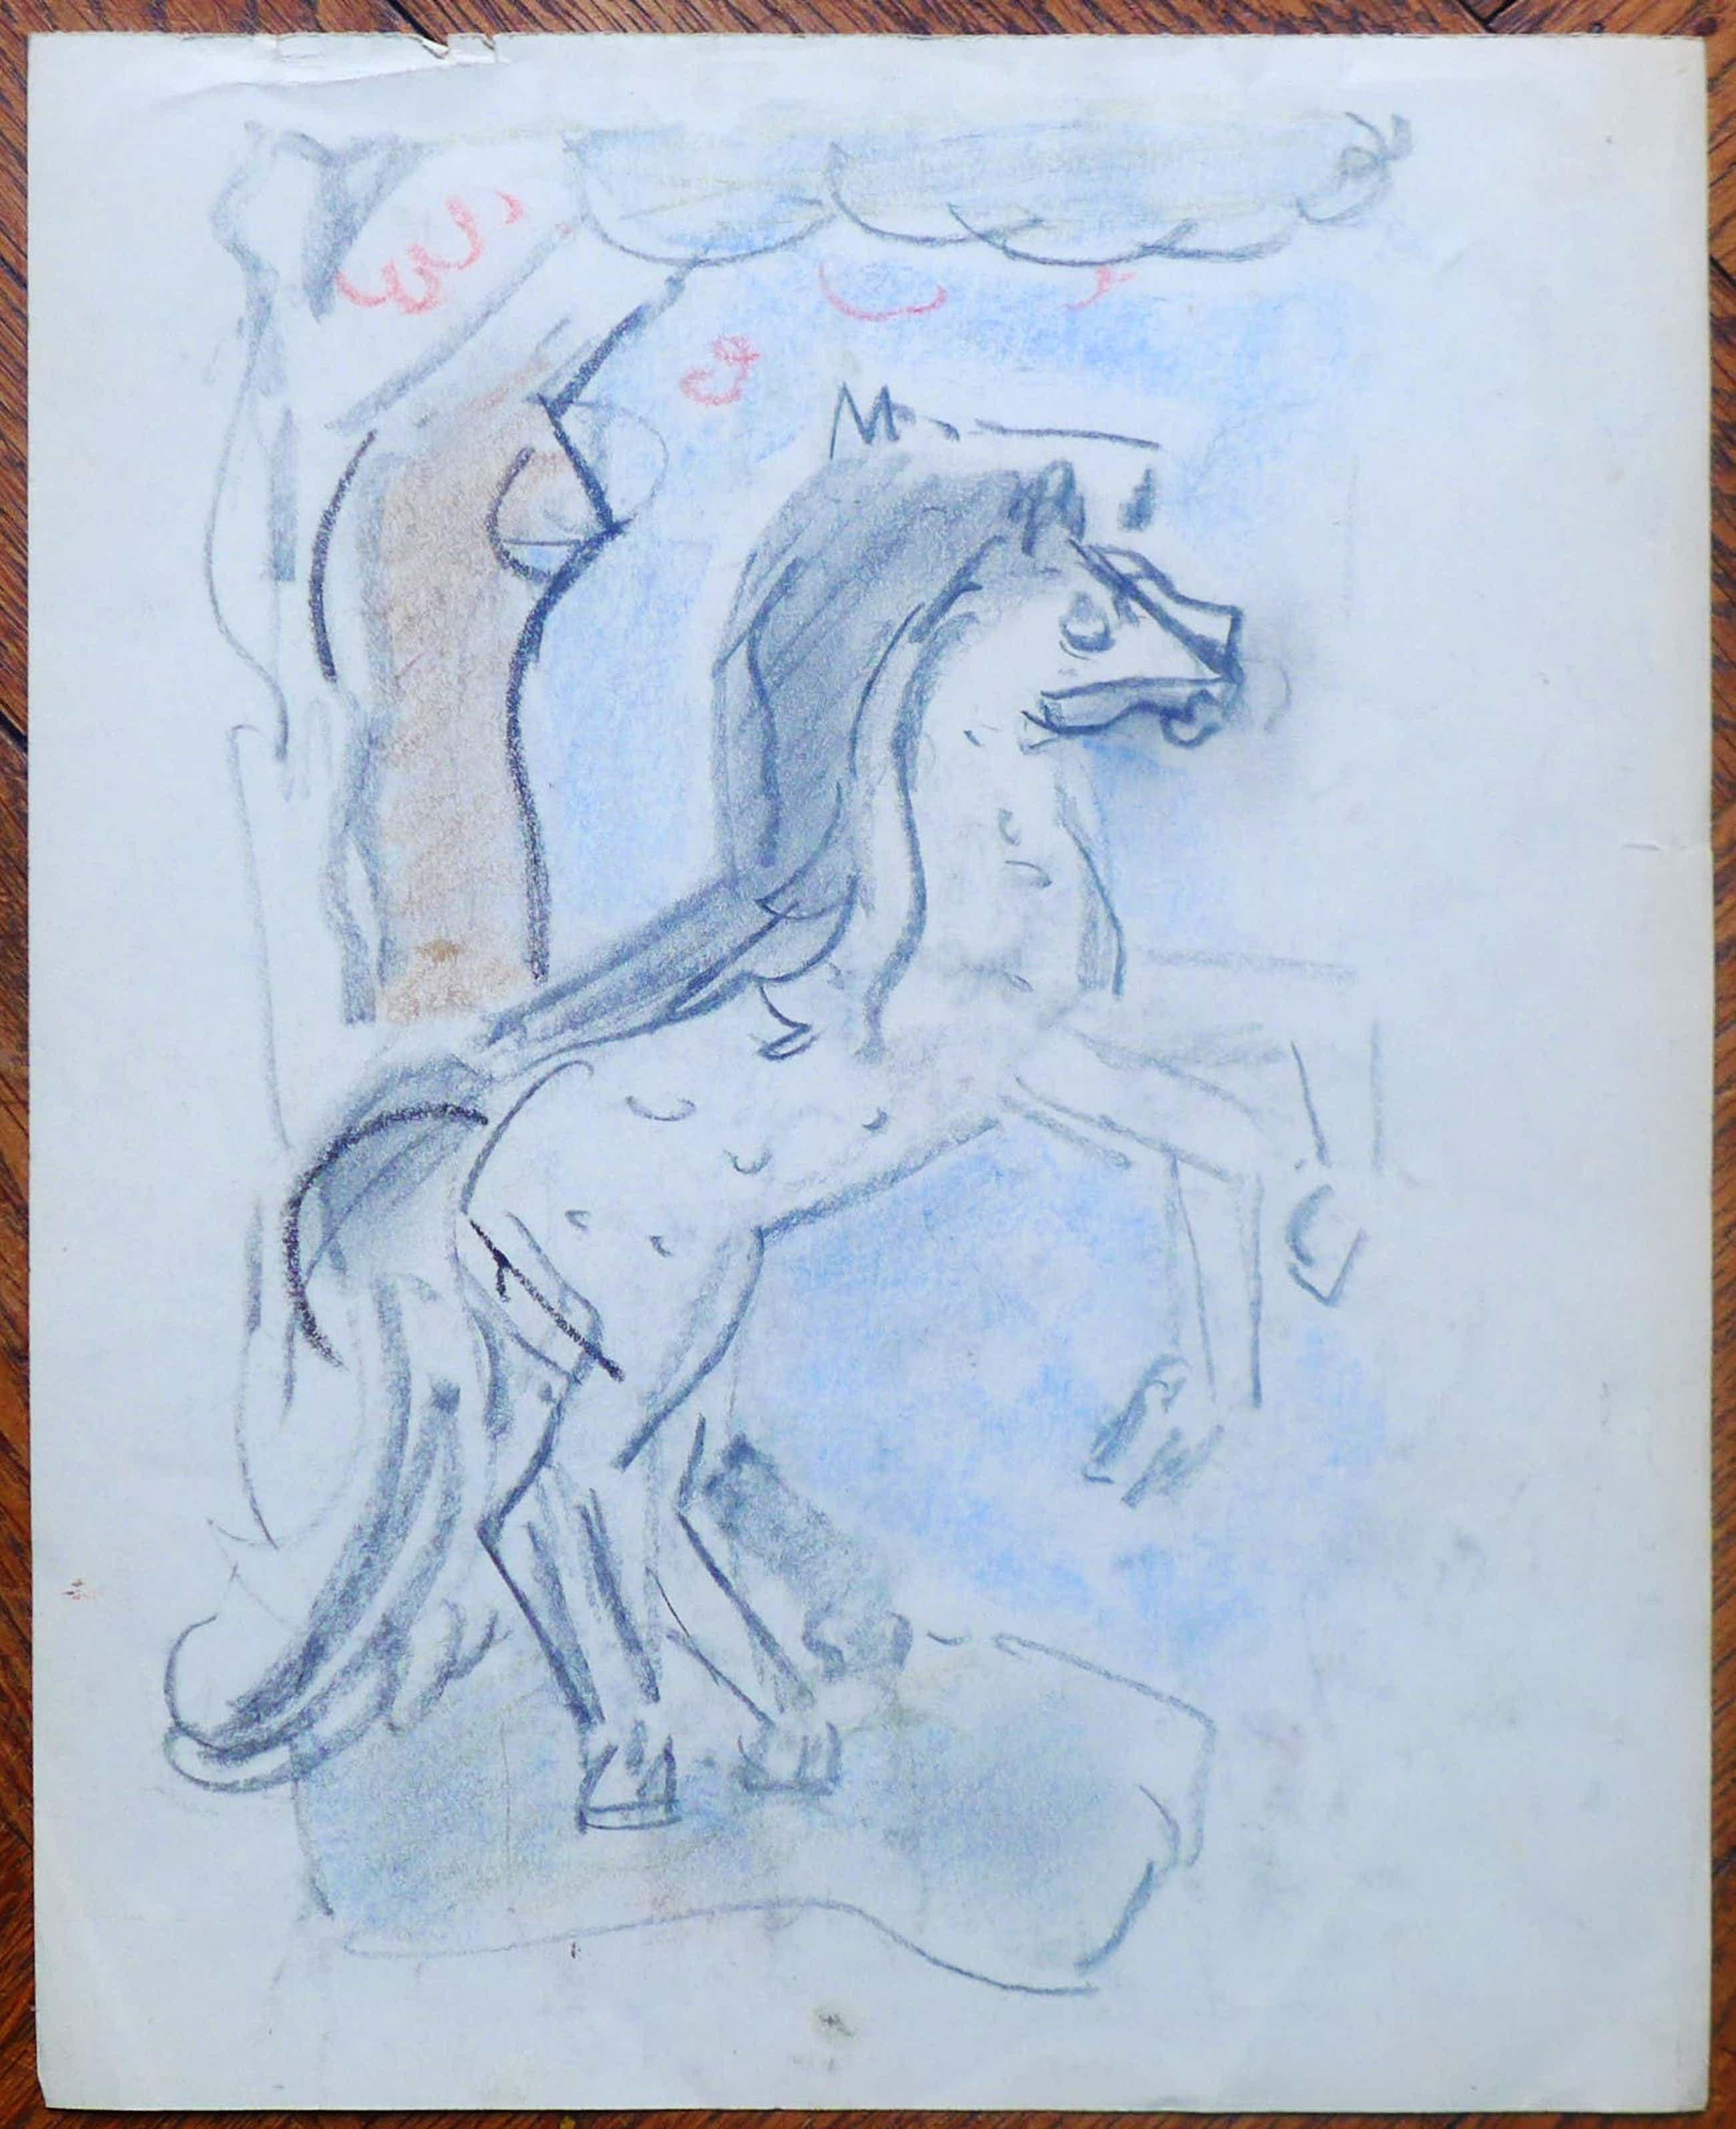 Otto van Rees - Op de achterkant van te tekening staat ook een tekening kopen? Bied vanaf 60!